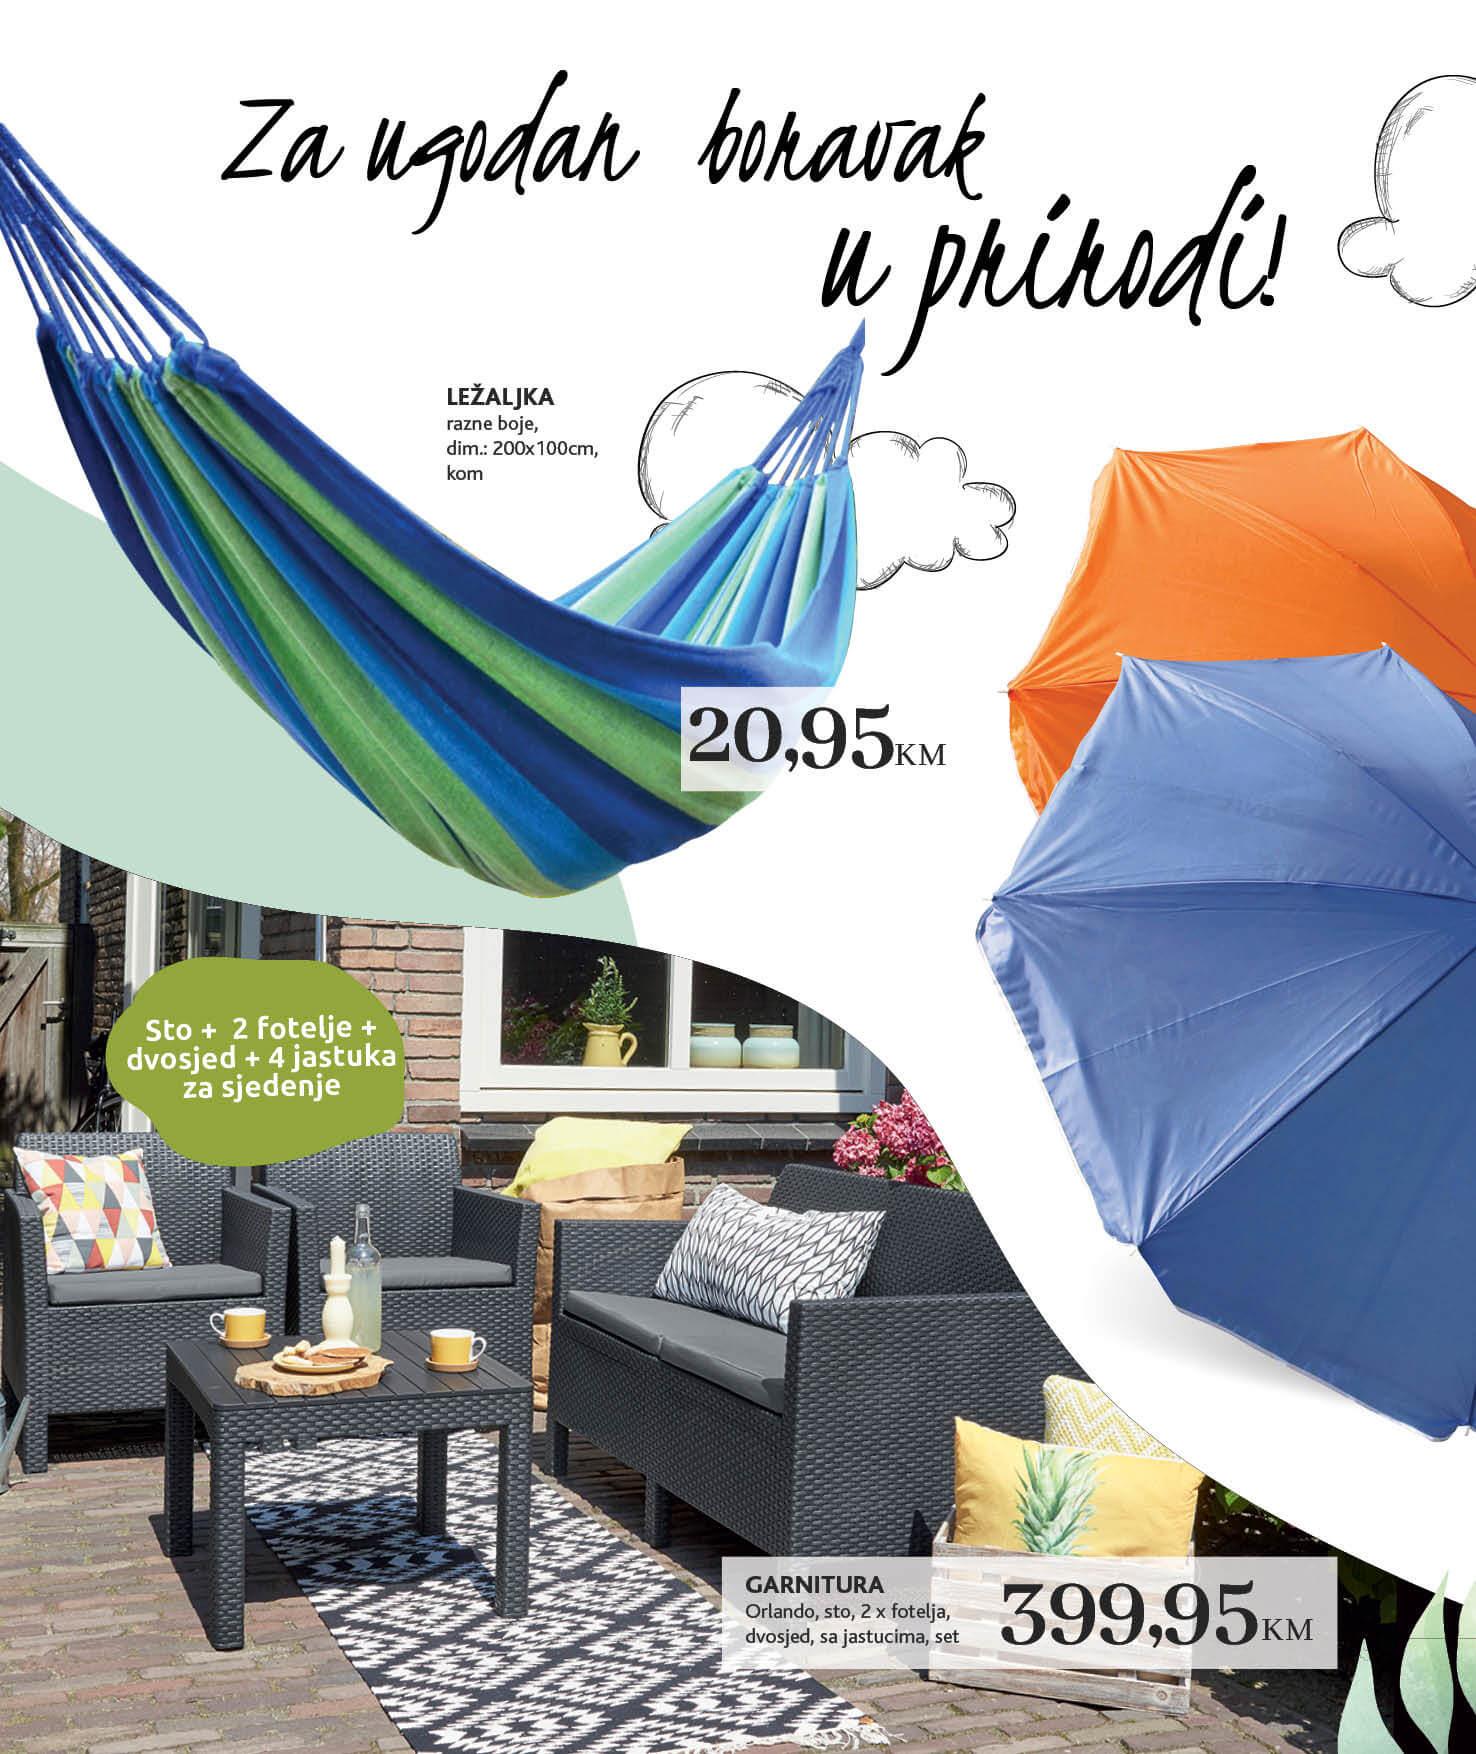 KONZUM Katalog Za boravak u prirodi JUN i JUL 2021 14.6. 14.7. eKatalozi.com PR Page 16